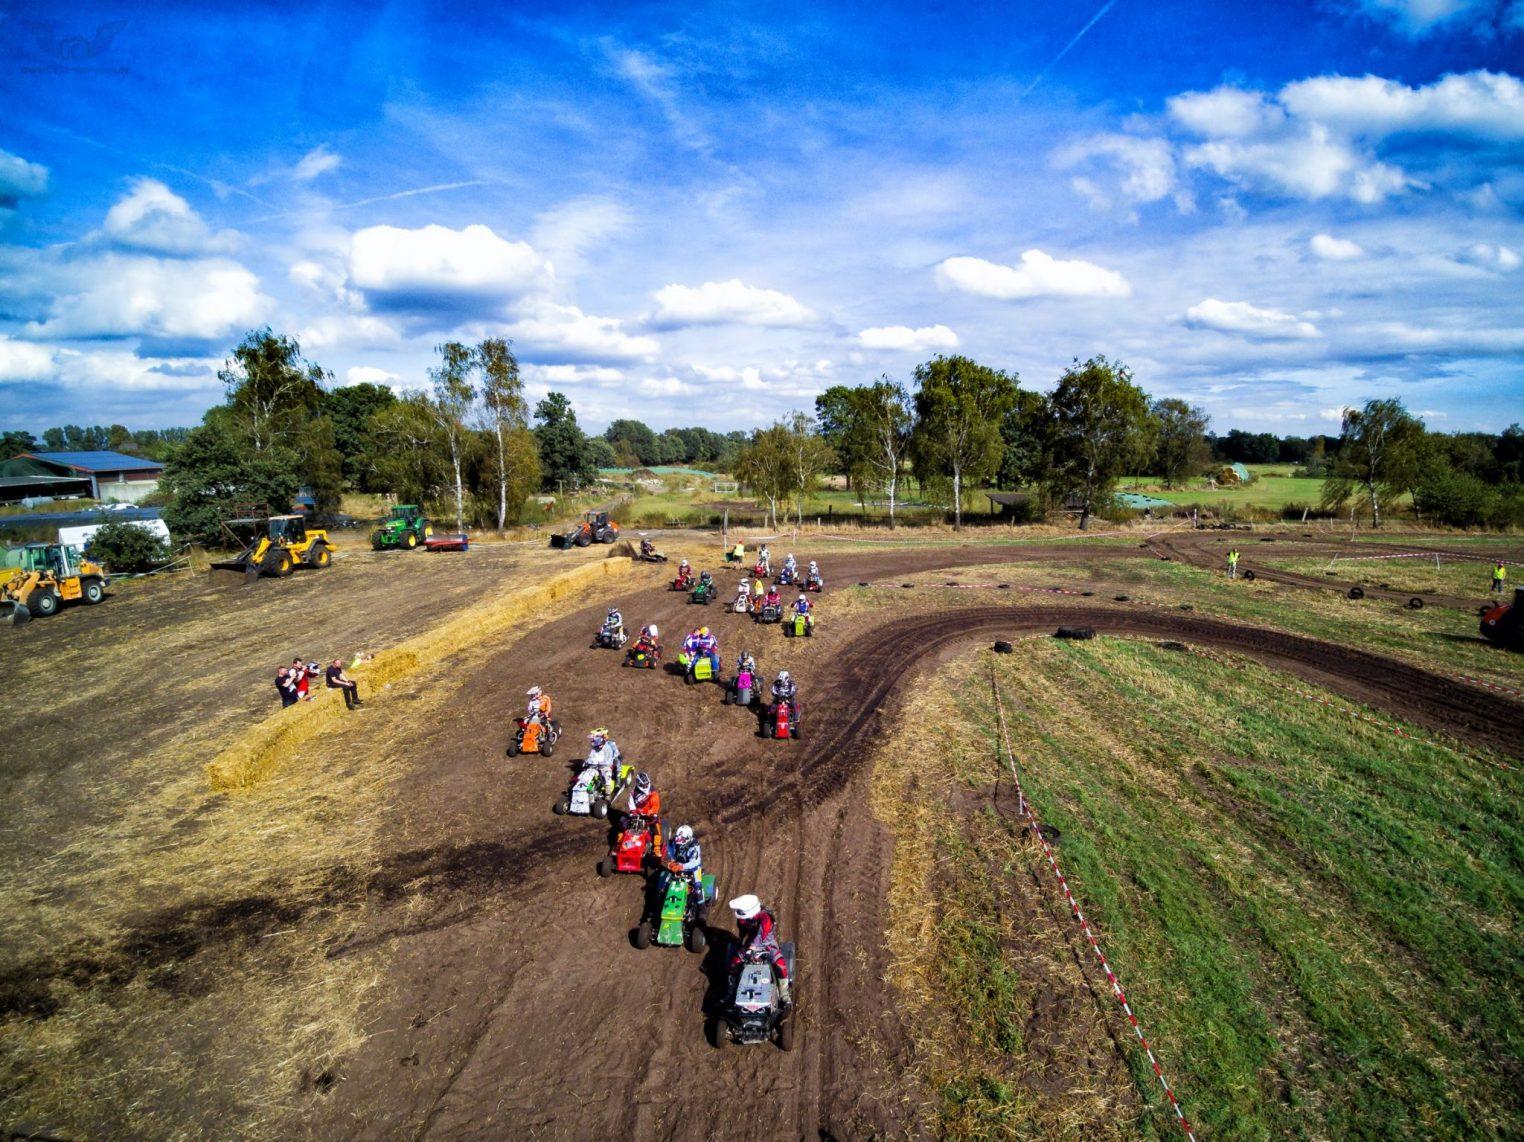 Rennstrecke Moorbock Rennen in Großmoor bei Celle